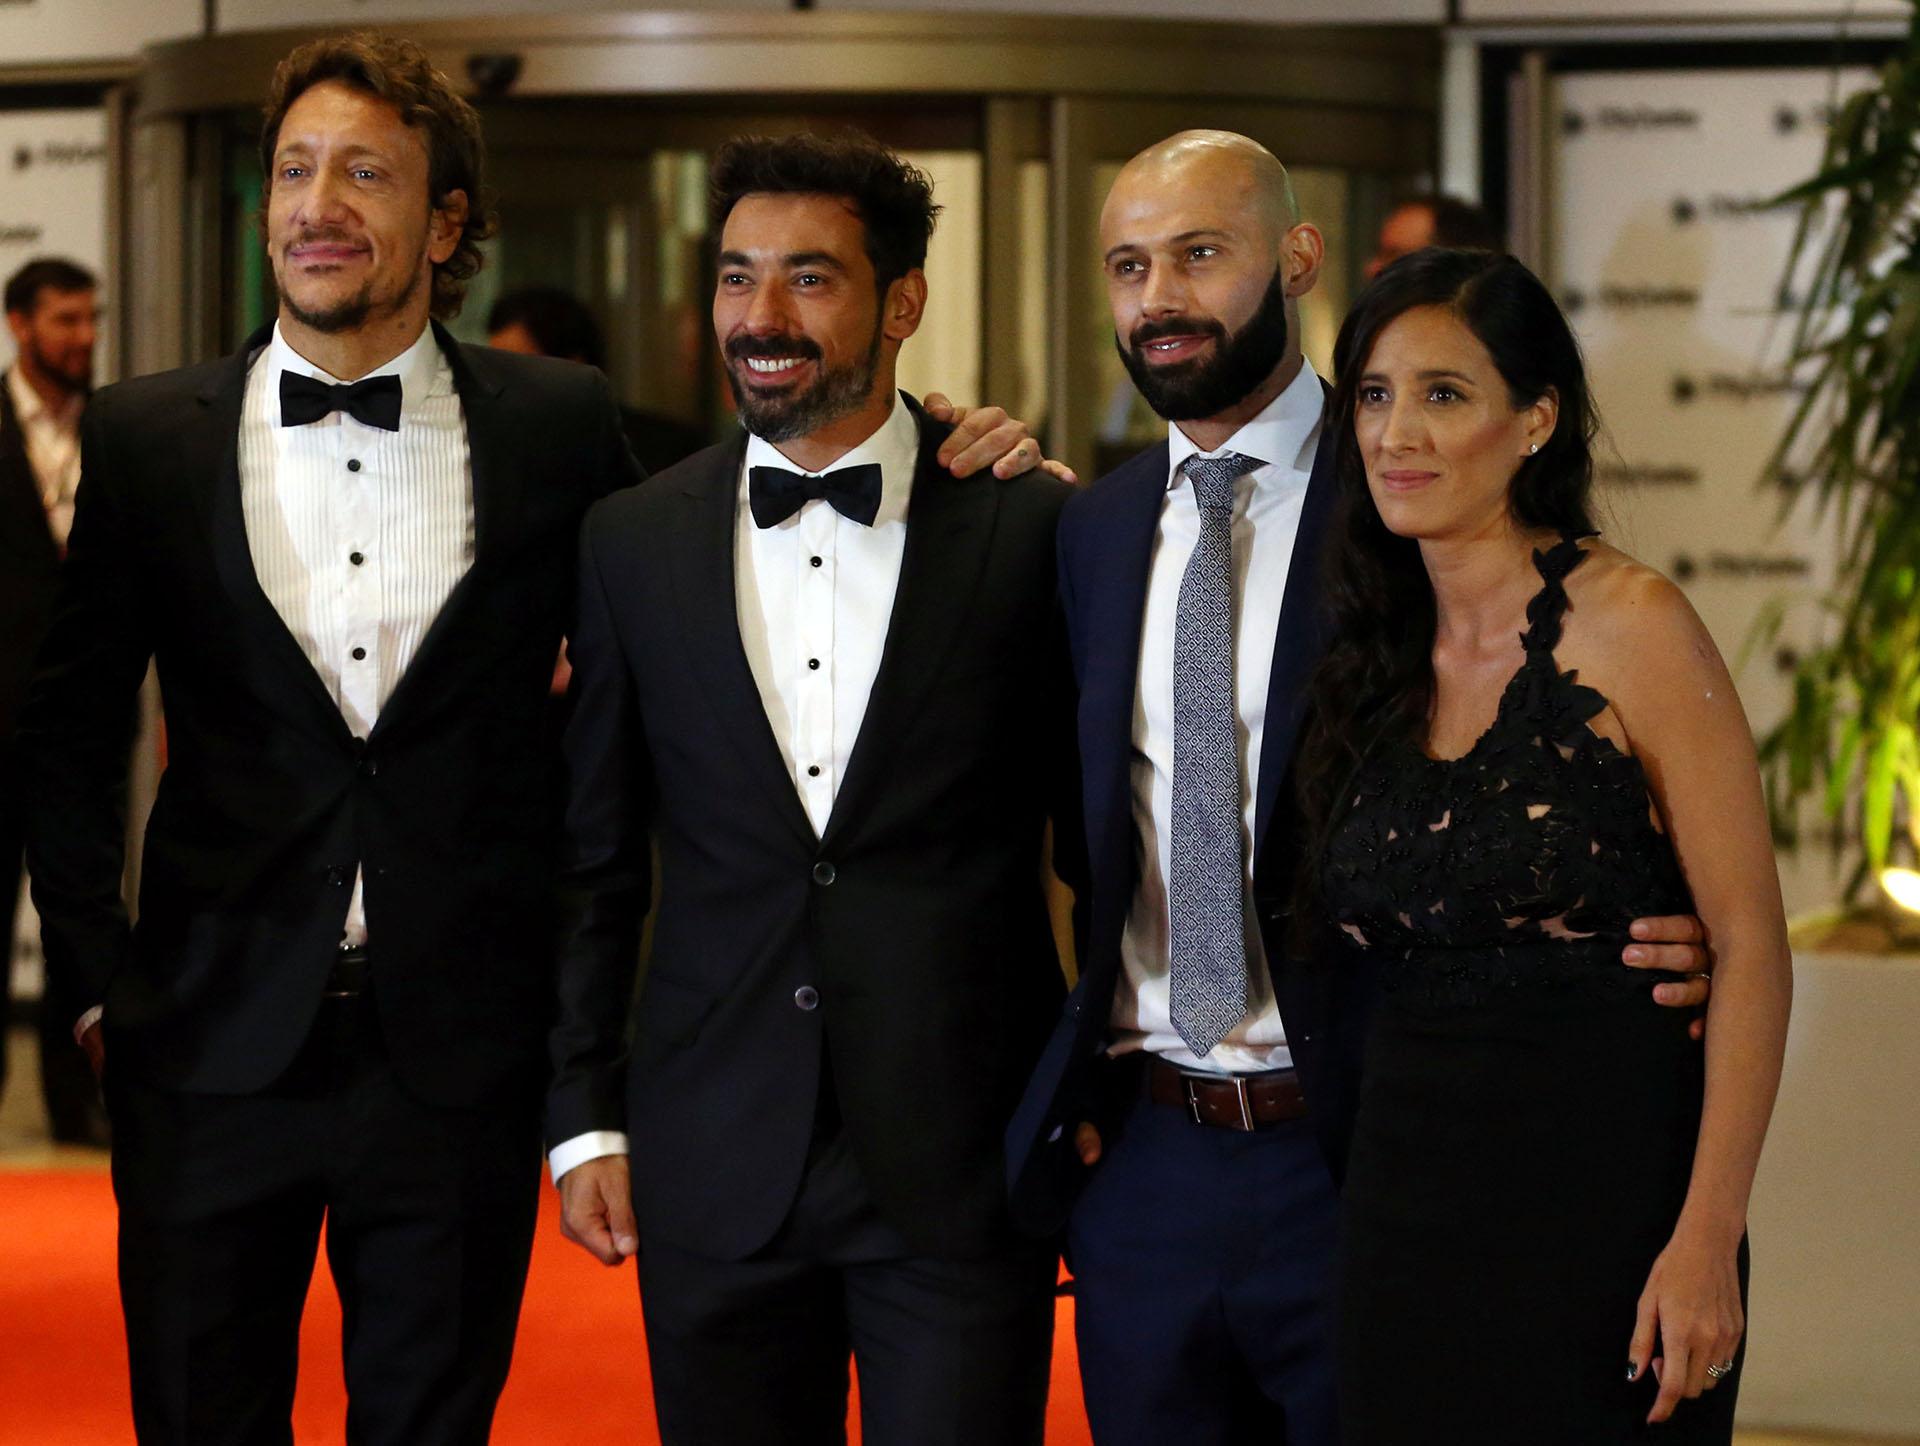 El actor Nicolas Vazquez y los jugadores Ezequiel Lavezzi y Javier Mascherano, éste junto a su esposa Fernanda